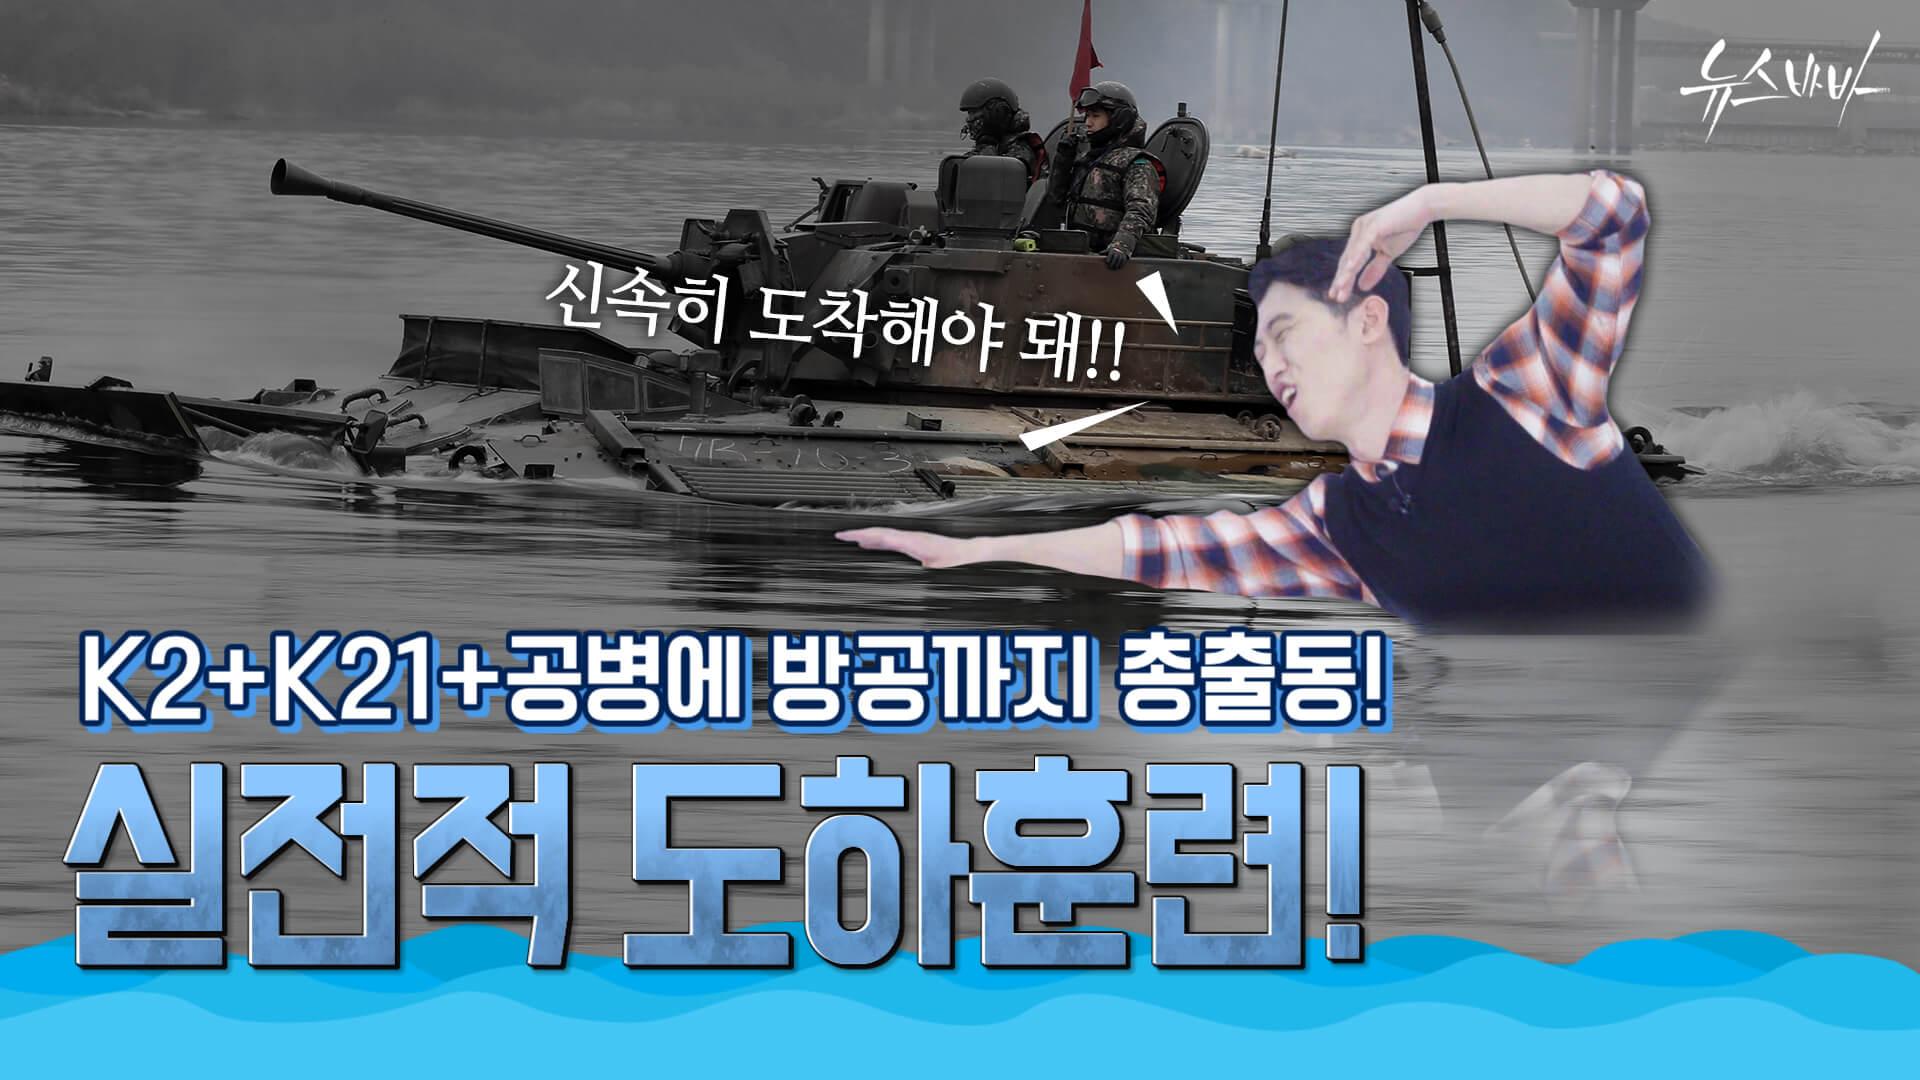 [뉴스바바] 실전적 도하훈련(K2